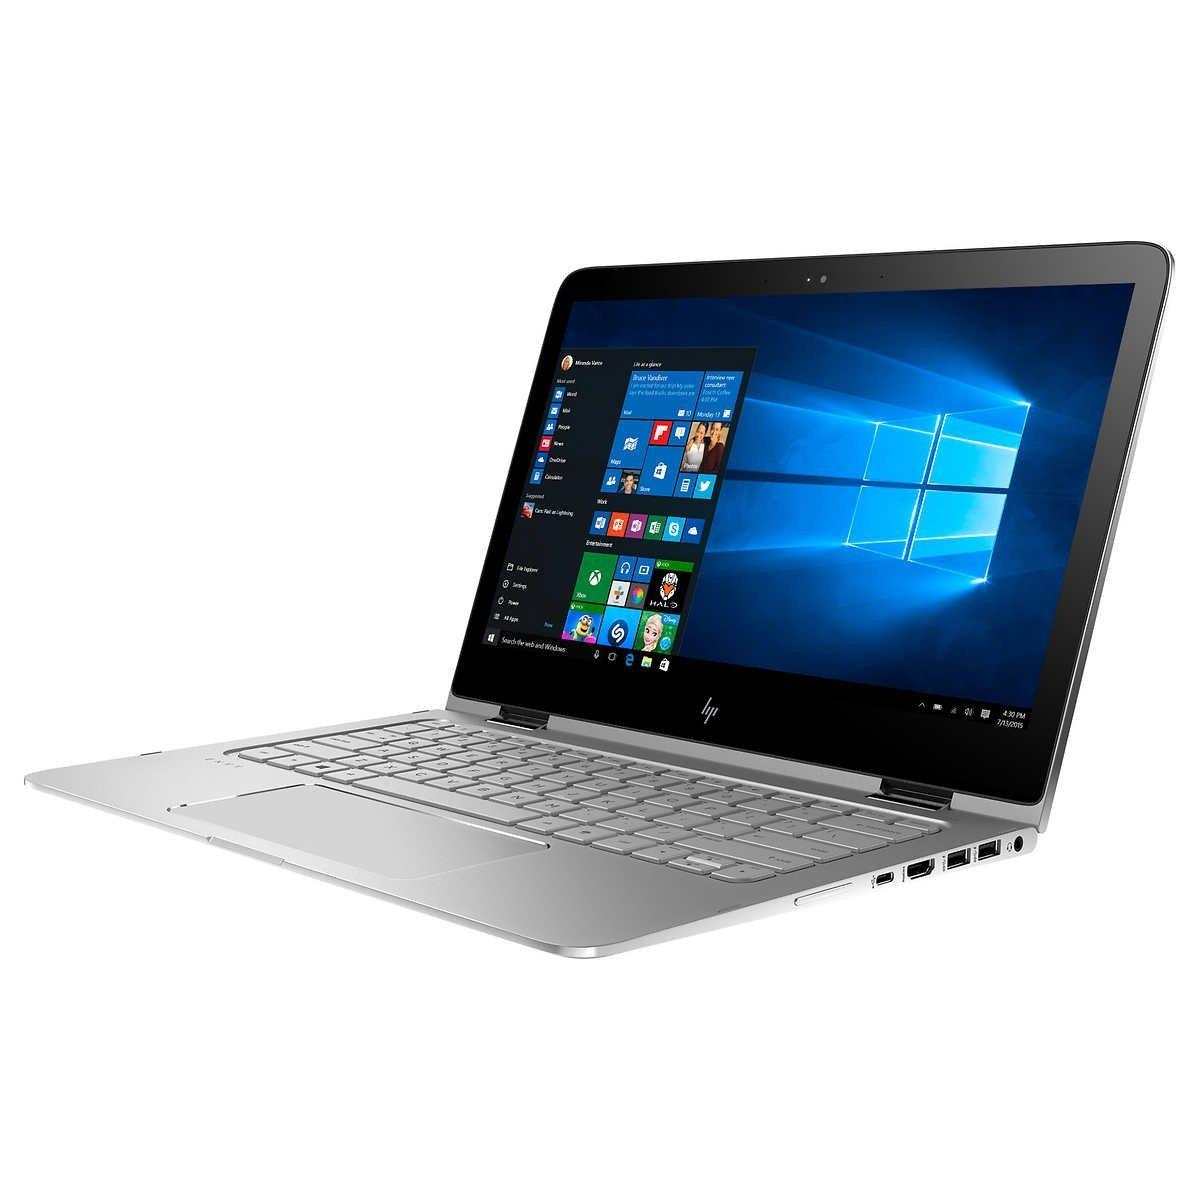 HP Envy x360 13-Y023CL Core i7 7500u, Ram 16GB, SSD 512GB UHD Touch Win 10